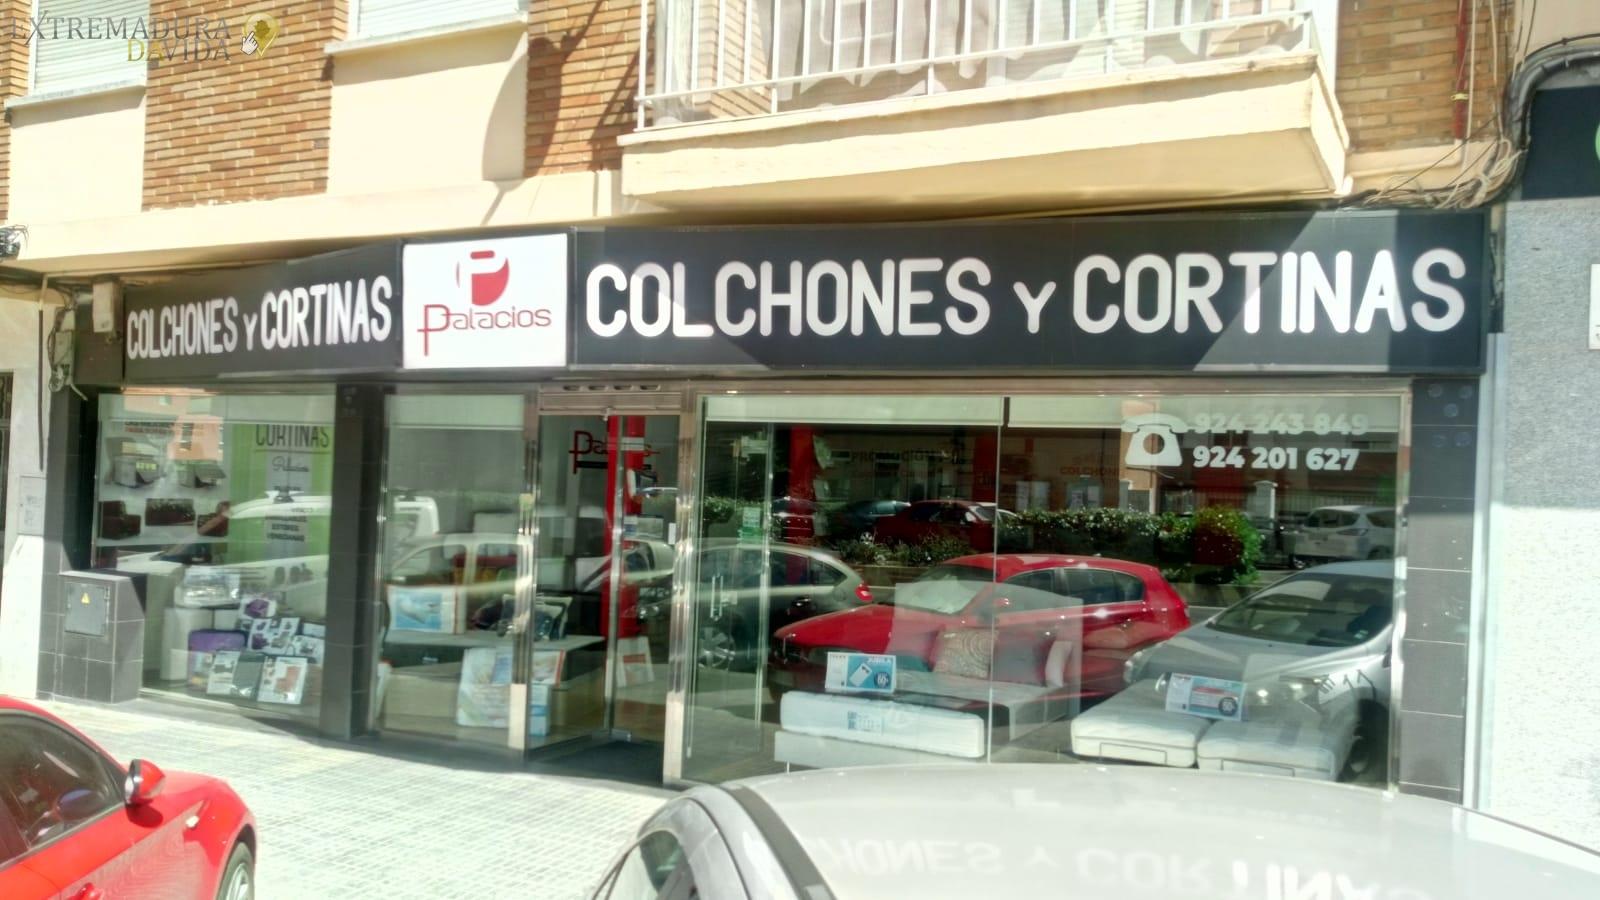 COLCHONERÍA LOS PALACIOS BADAJOZ